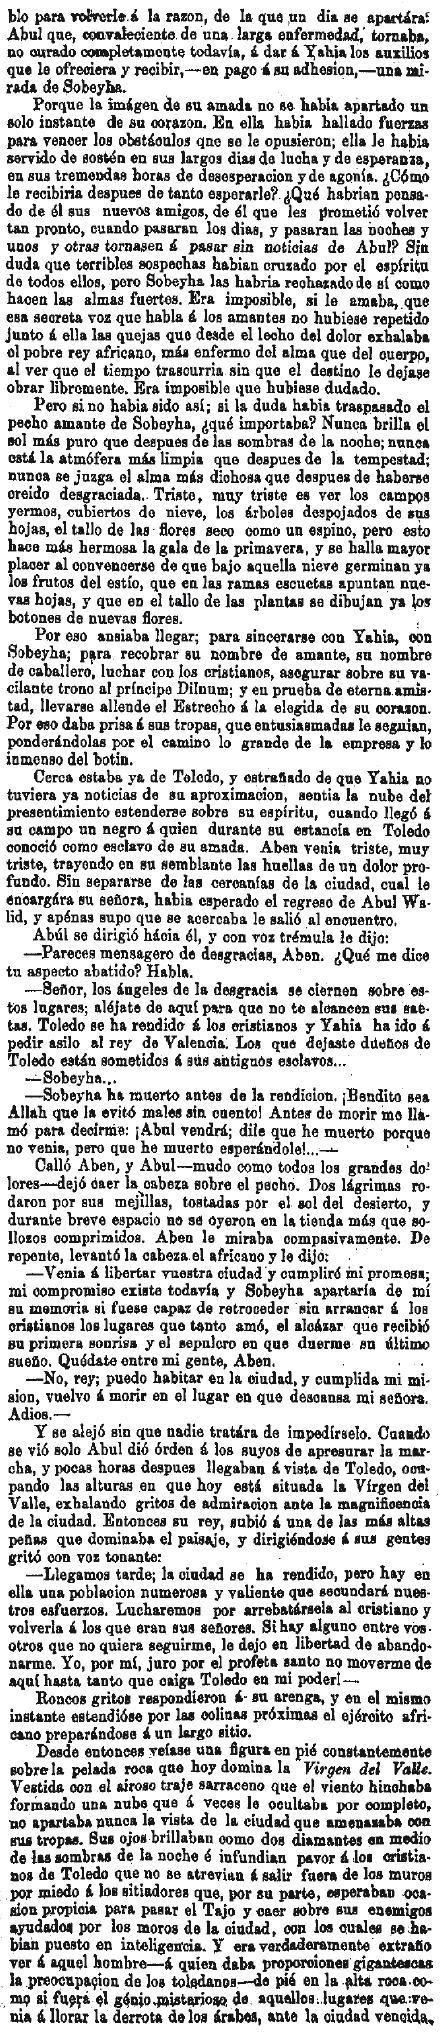 Leyenda de La Peña del Moro publicada en La Amérca por Eugenio de Olavarria y Huarte. Página 17